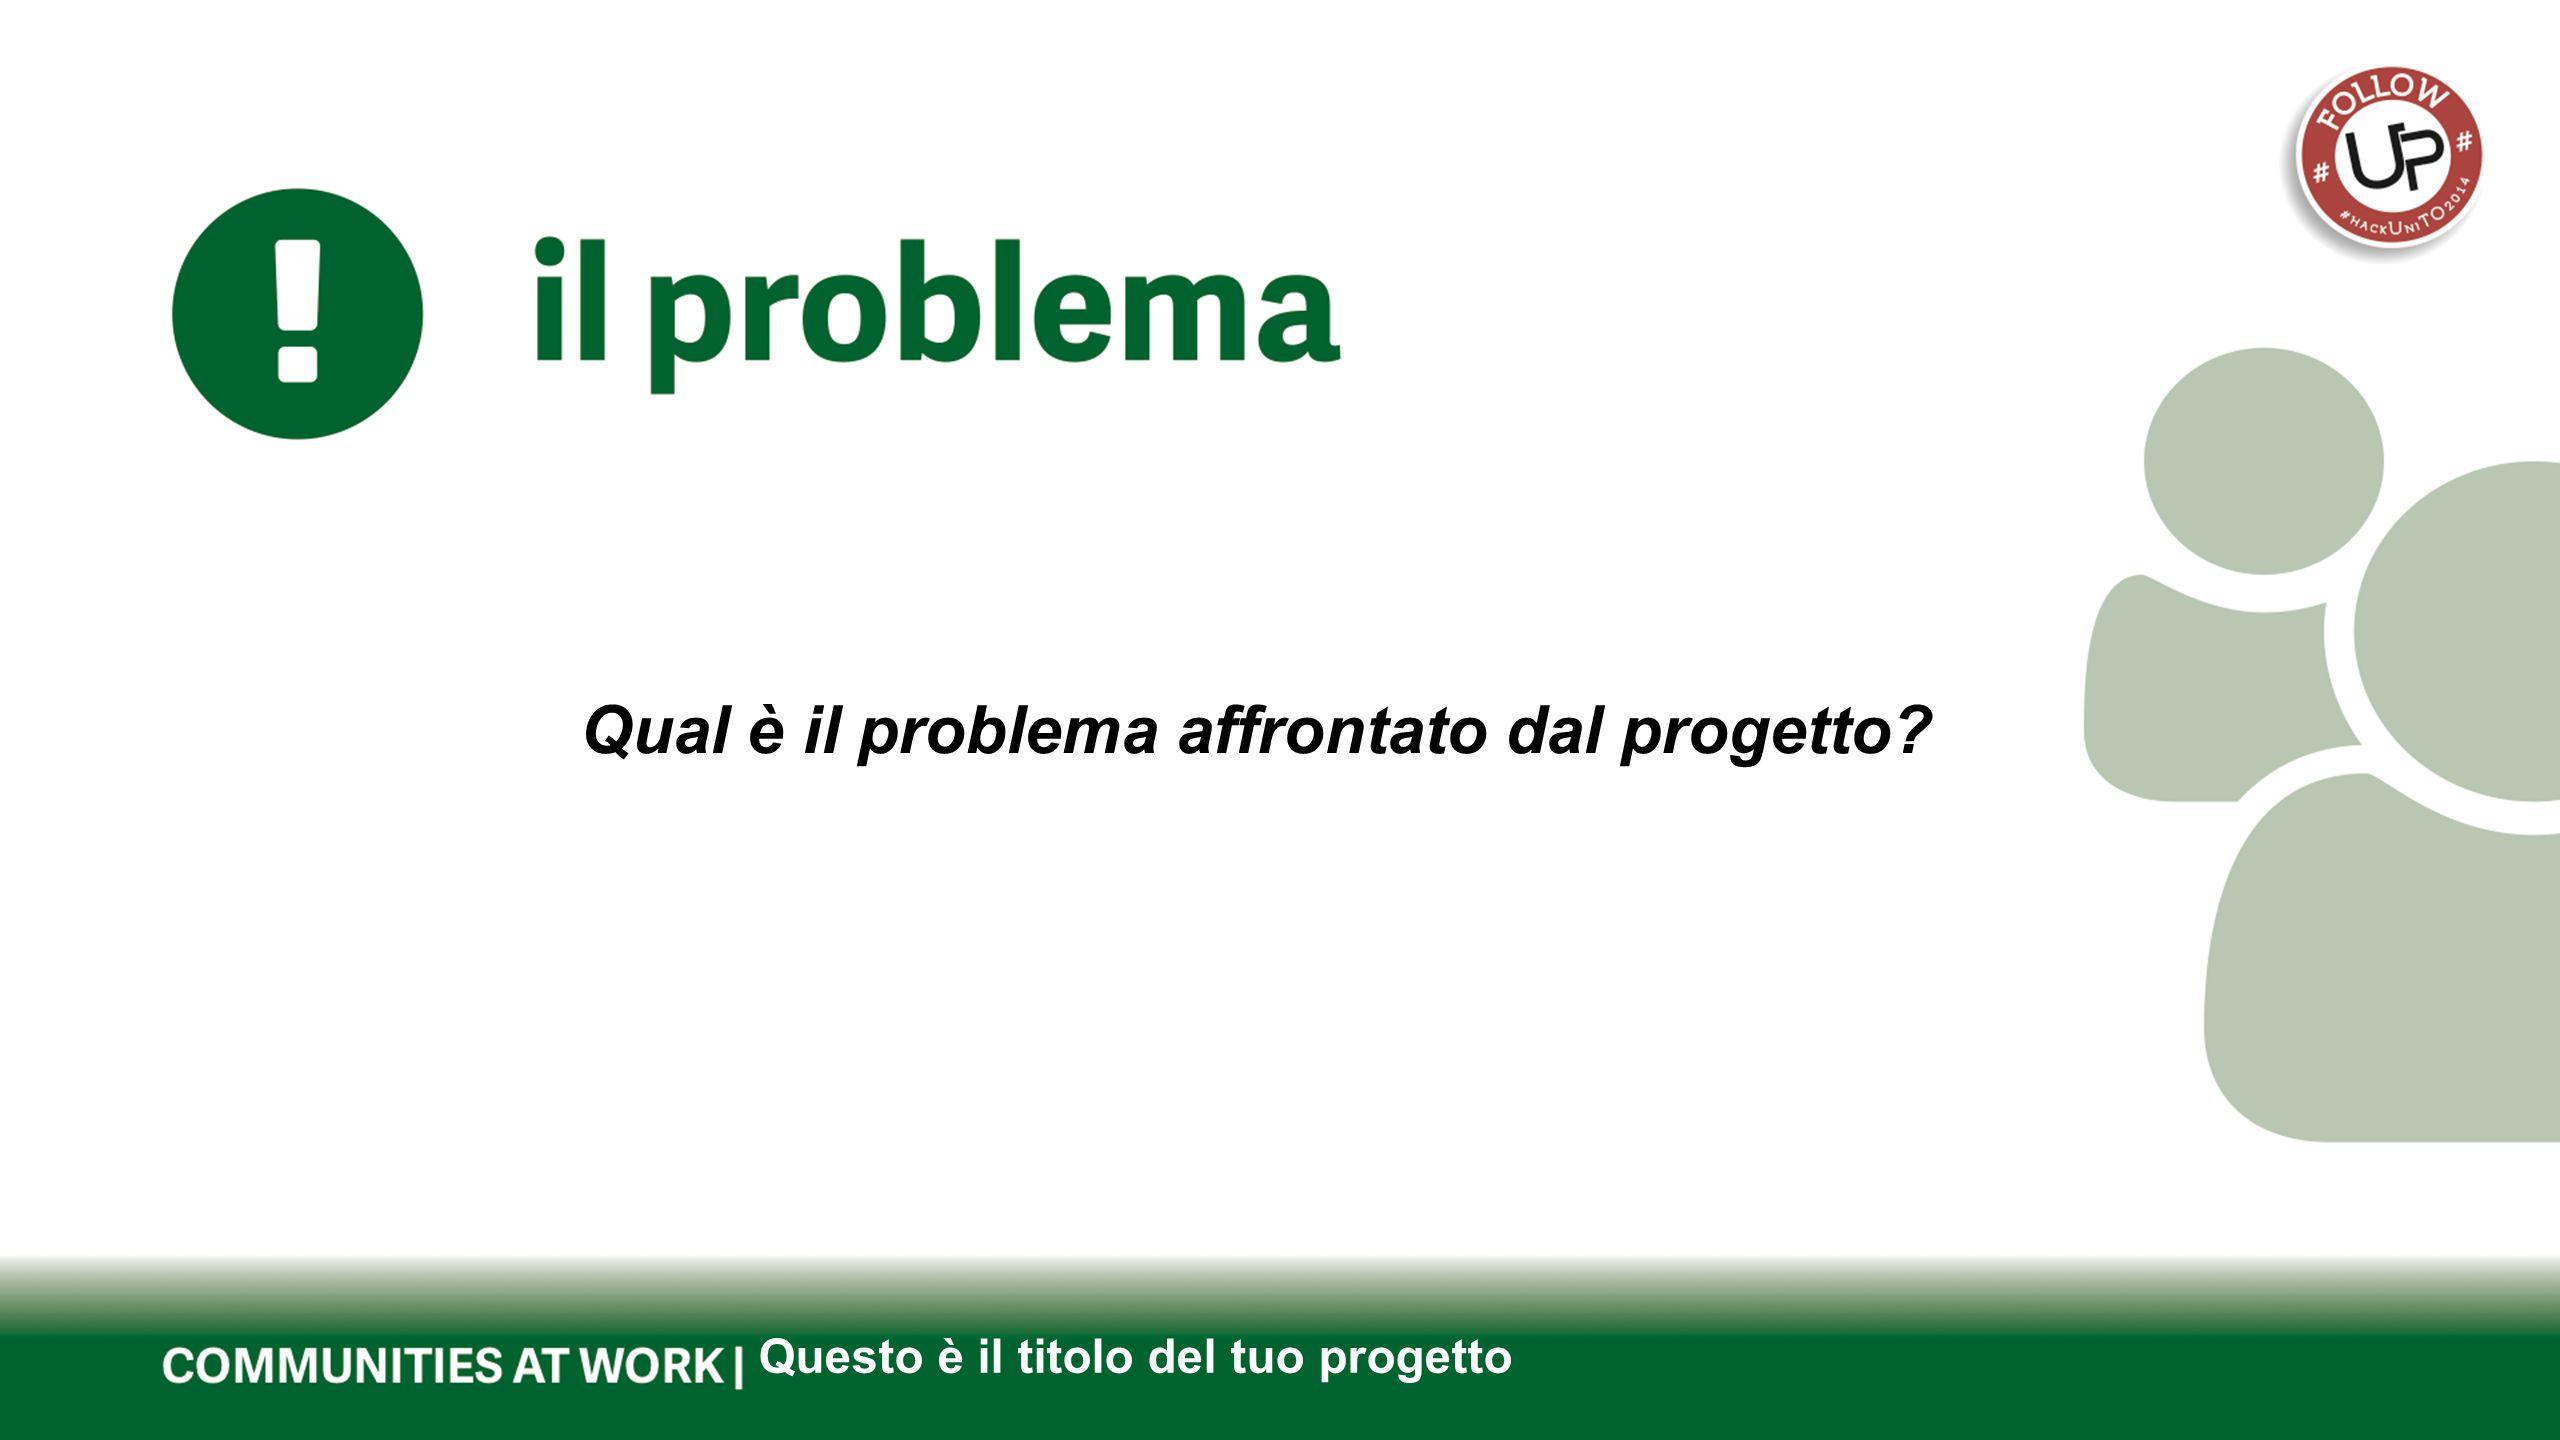 Questo è il titolo del tuo progetto Qual è la soluzione proposta.